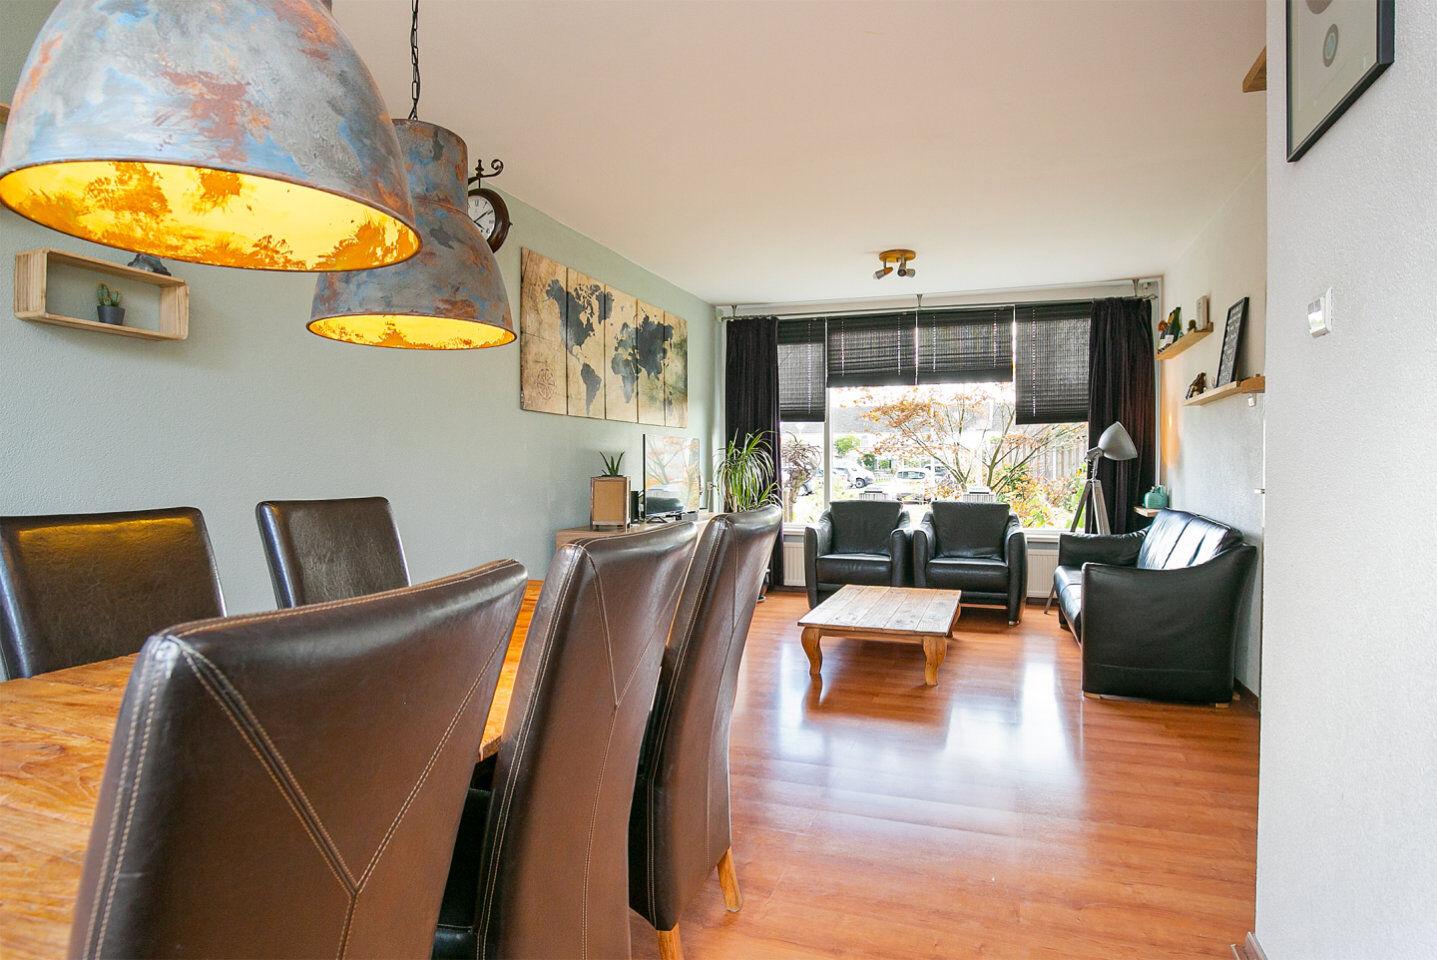 35633-iepstraat_11-steenbergen-3433704751